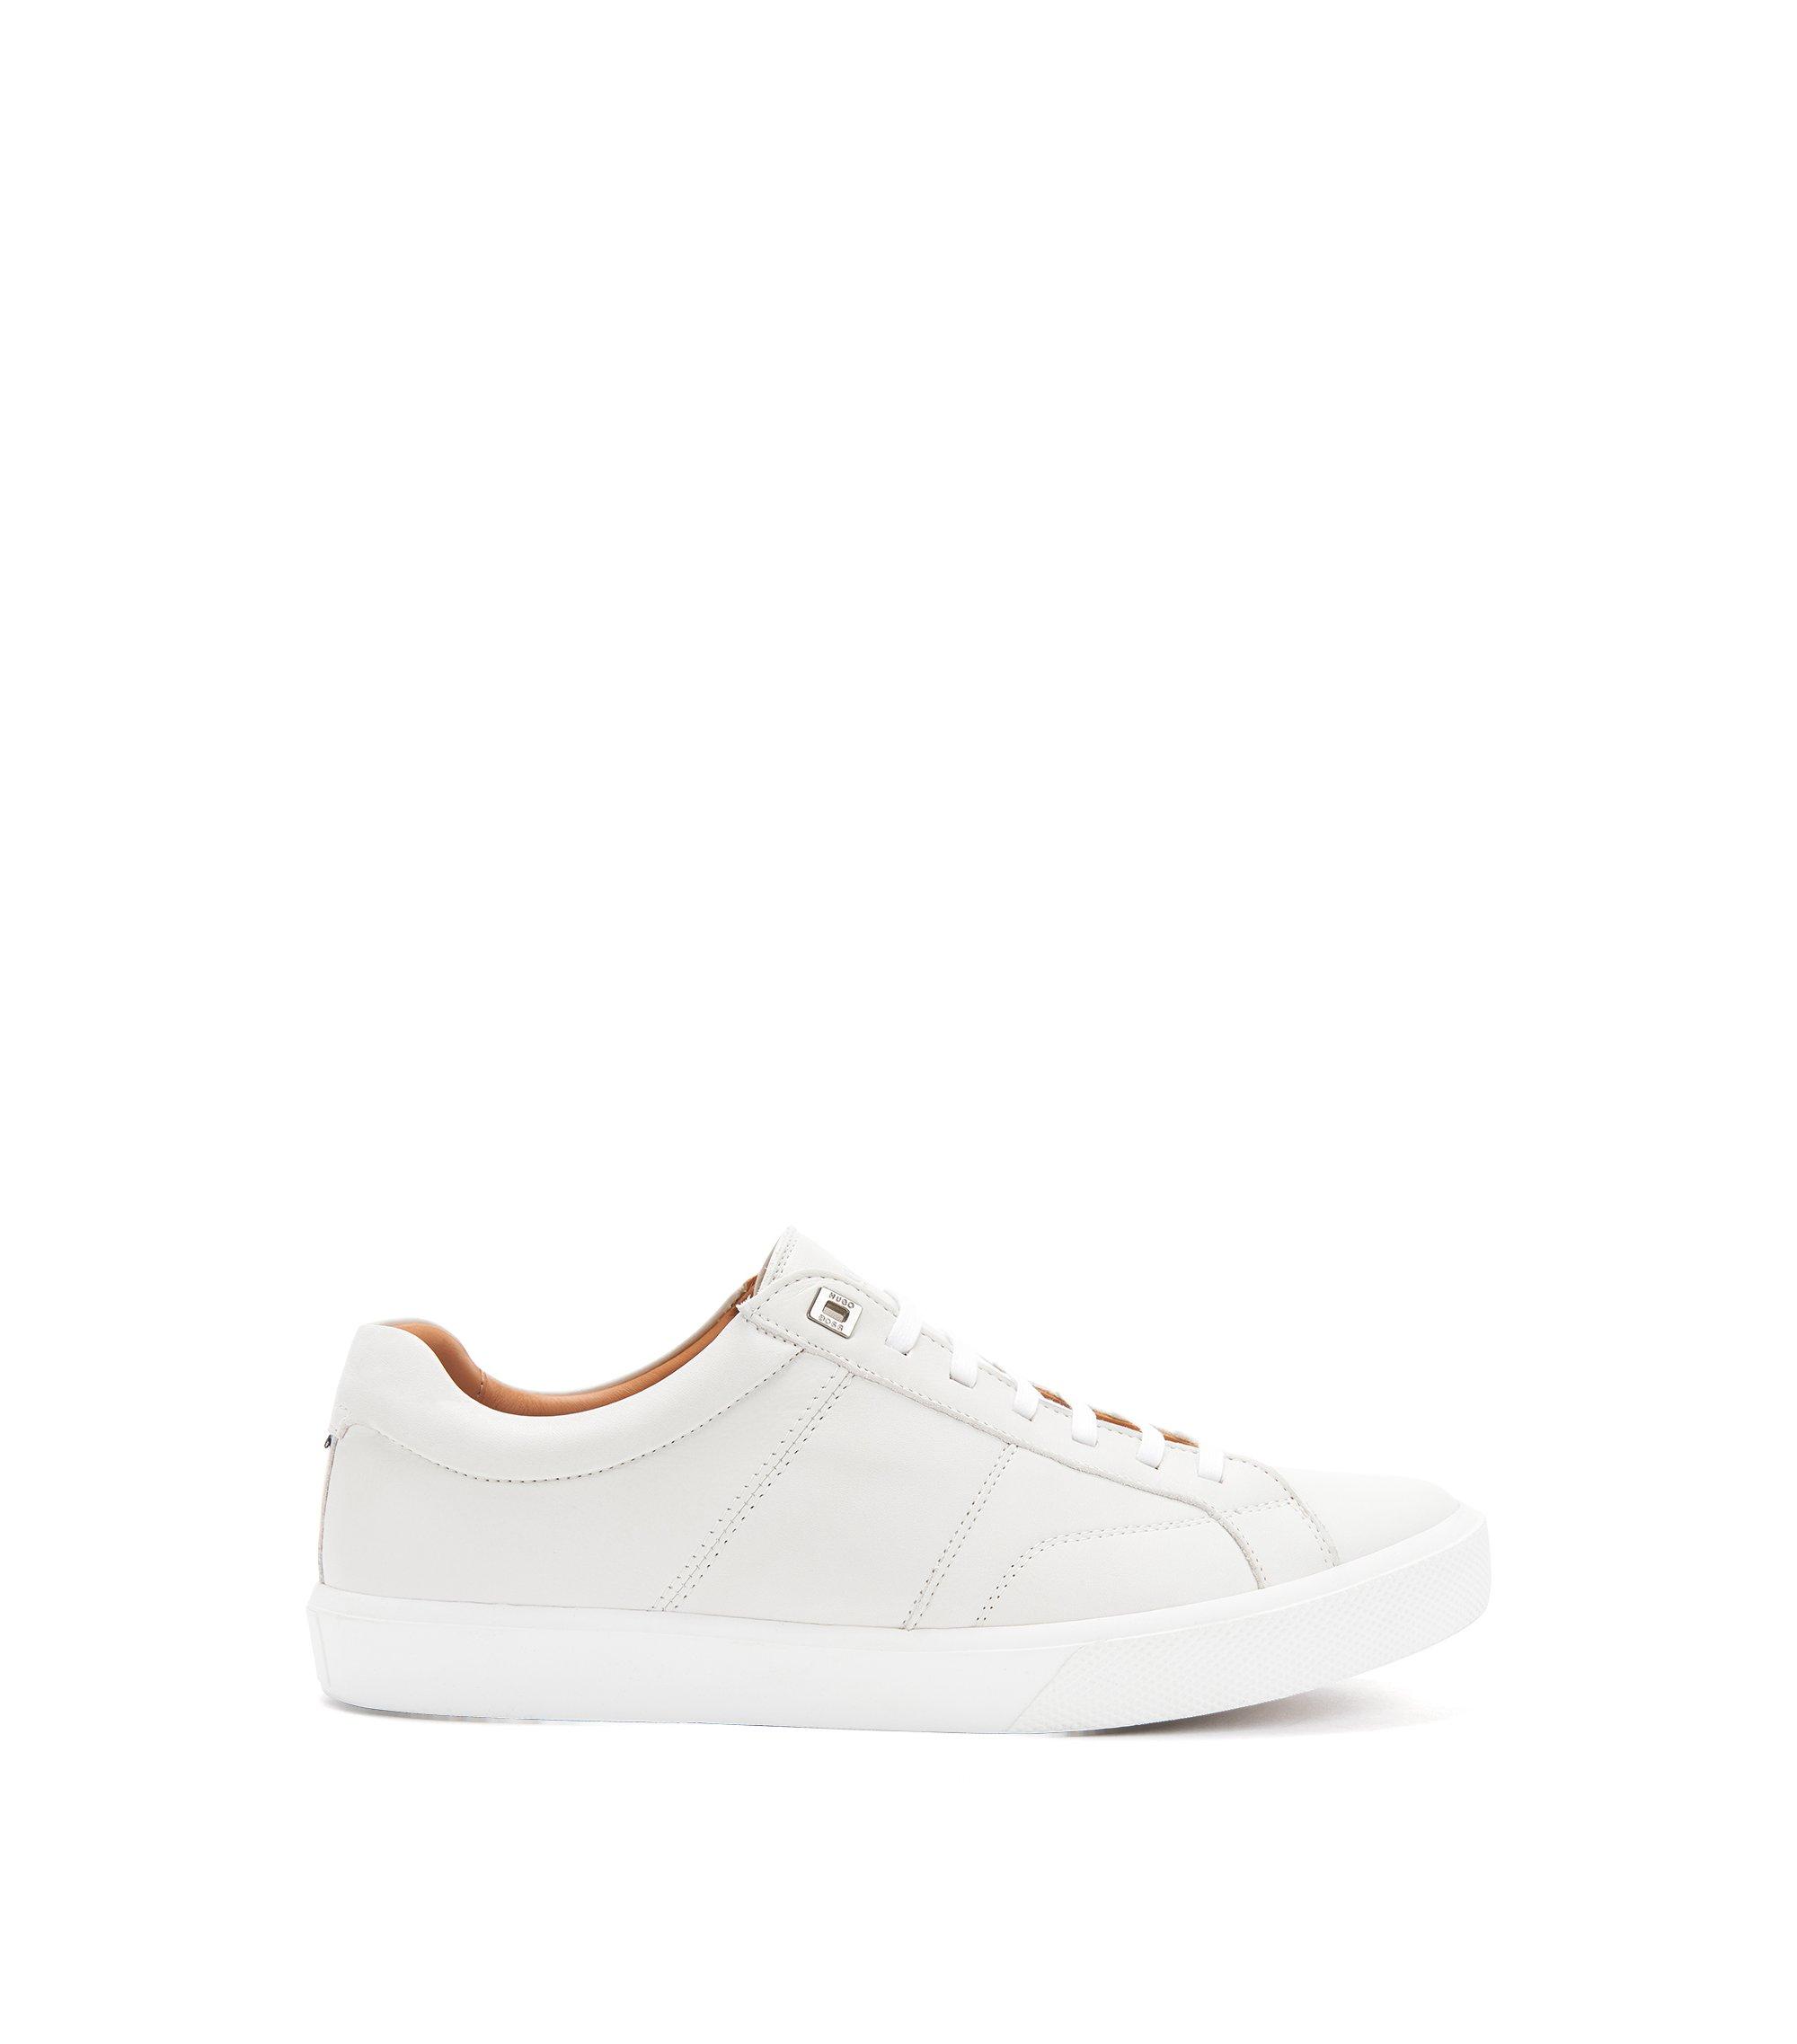 Sneakers aus italienischem Leder im Tennis-Stil, Weiß